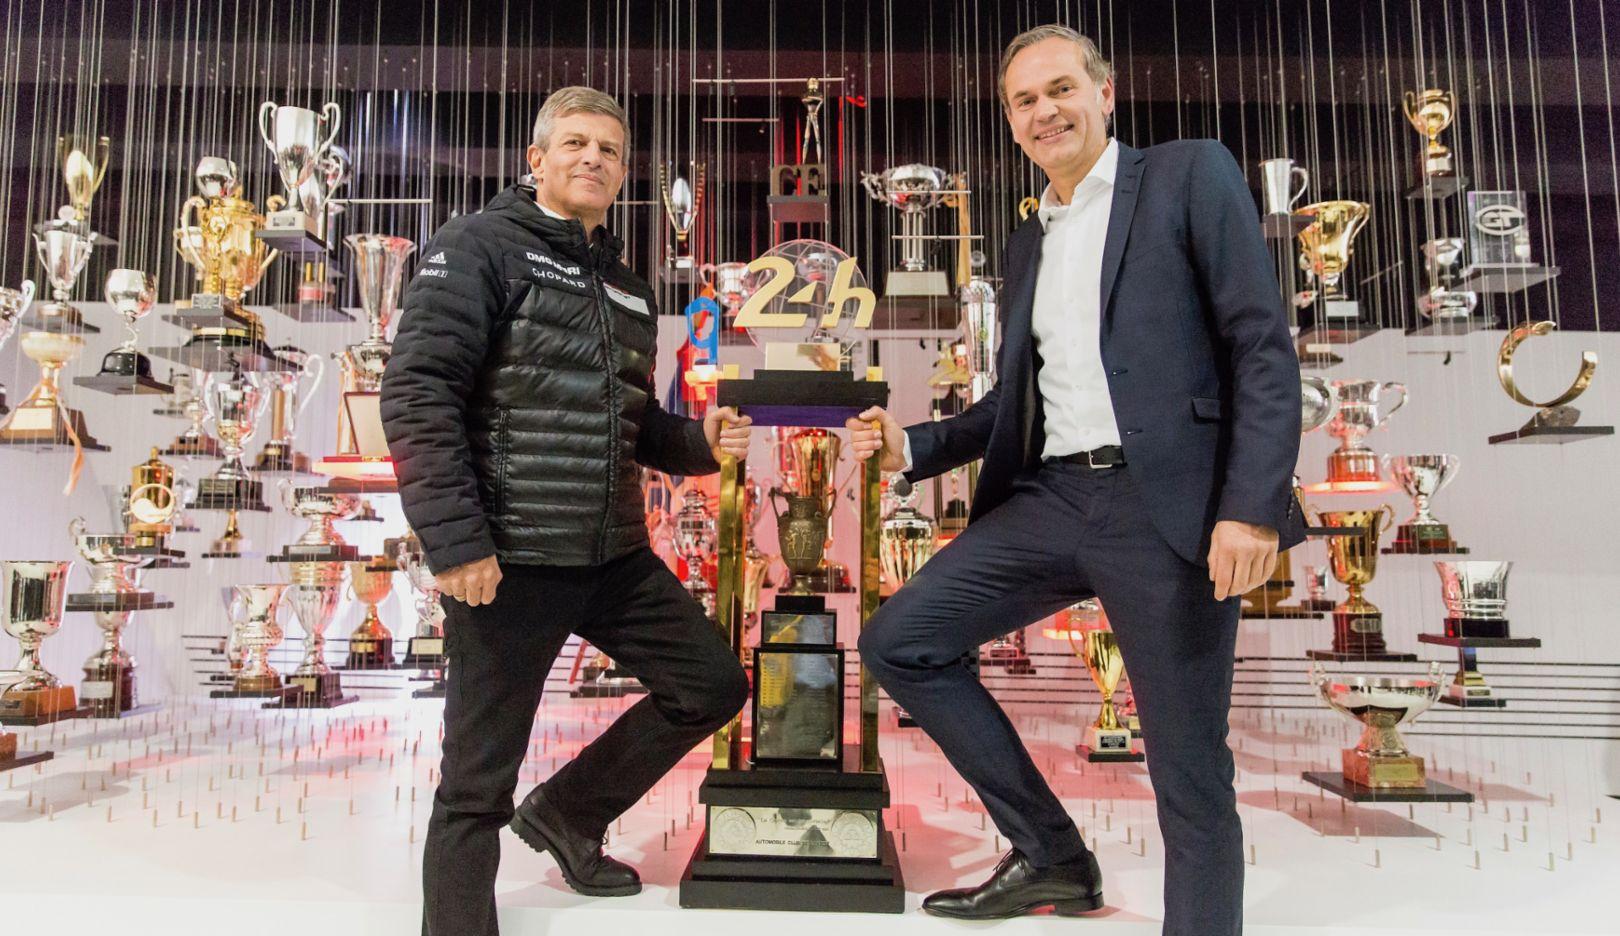 Fritz Enzinger, Oliver Blume, l-r, Le Mans trophy, Porsche Museum, 2017, Porsche AG